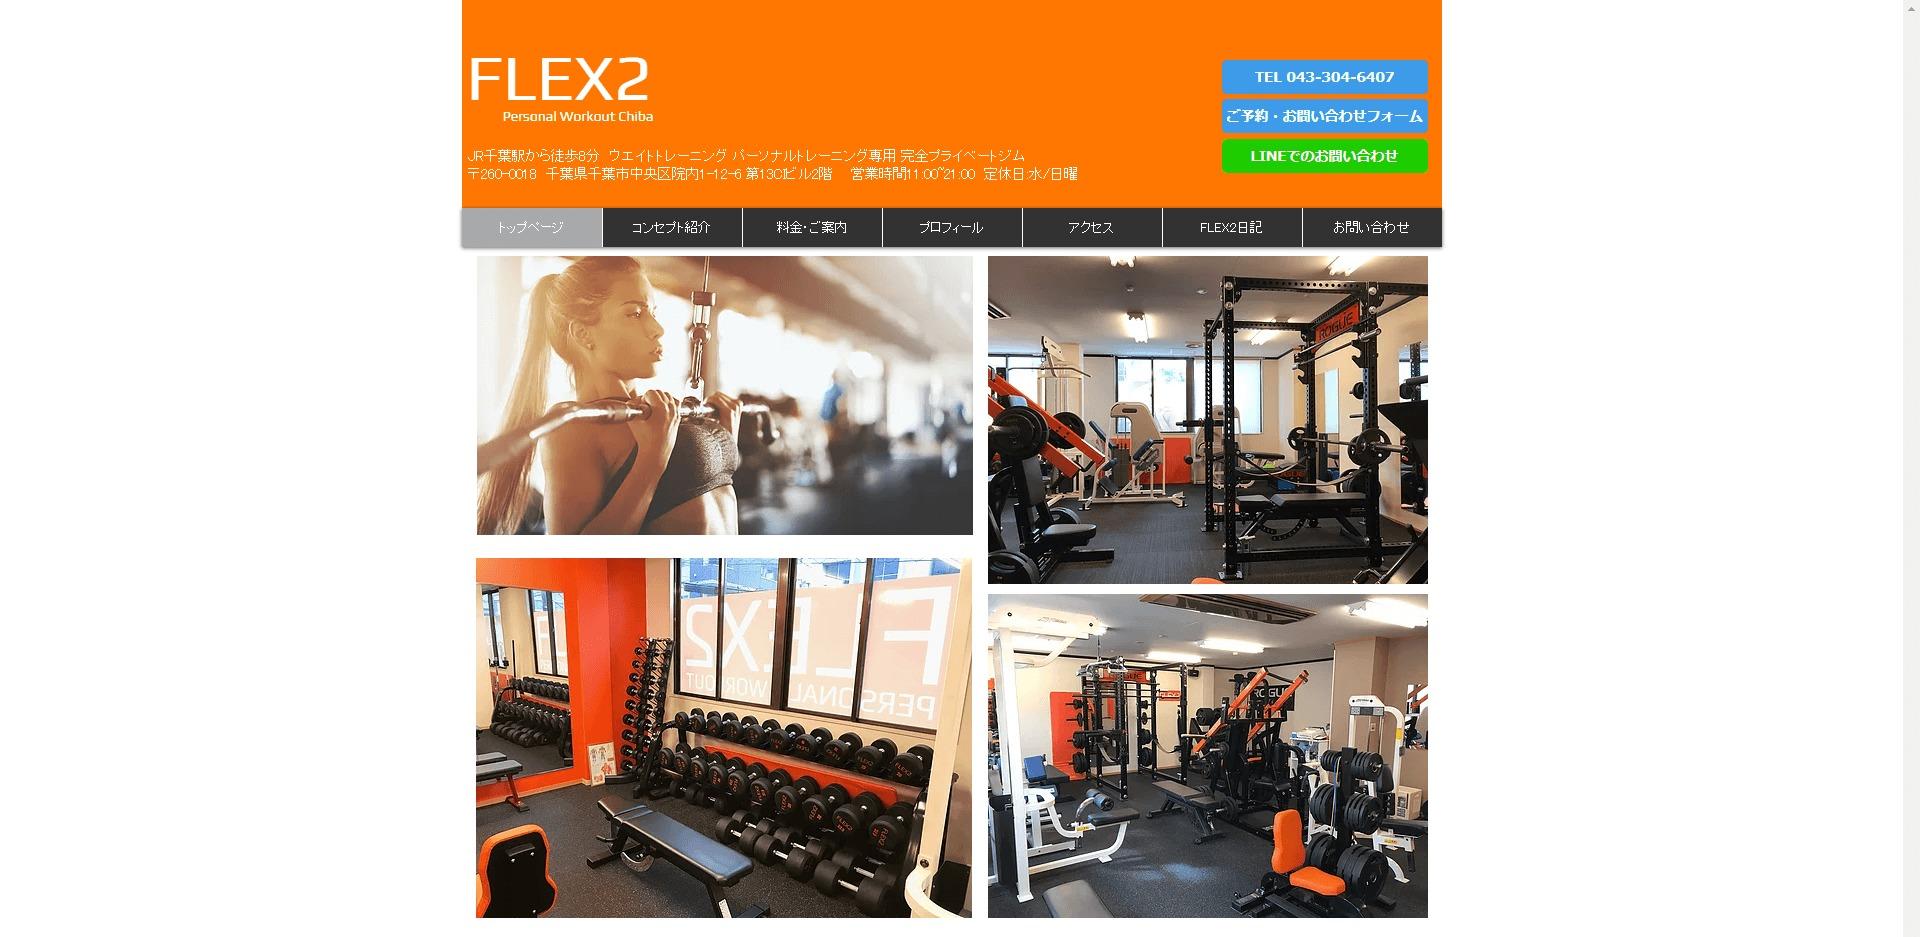 千葉エリアでおすすめのパーソナルトレーニングジム「FLEX2」